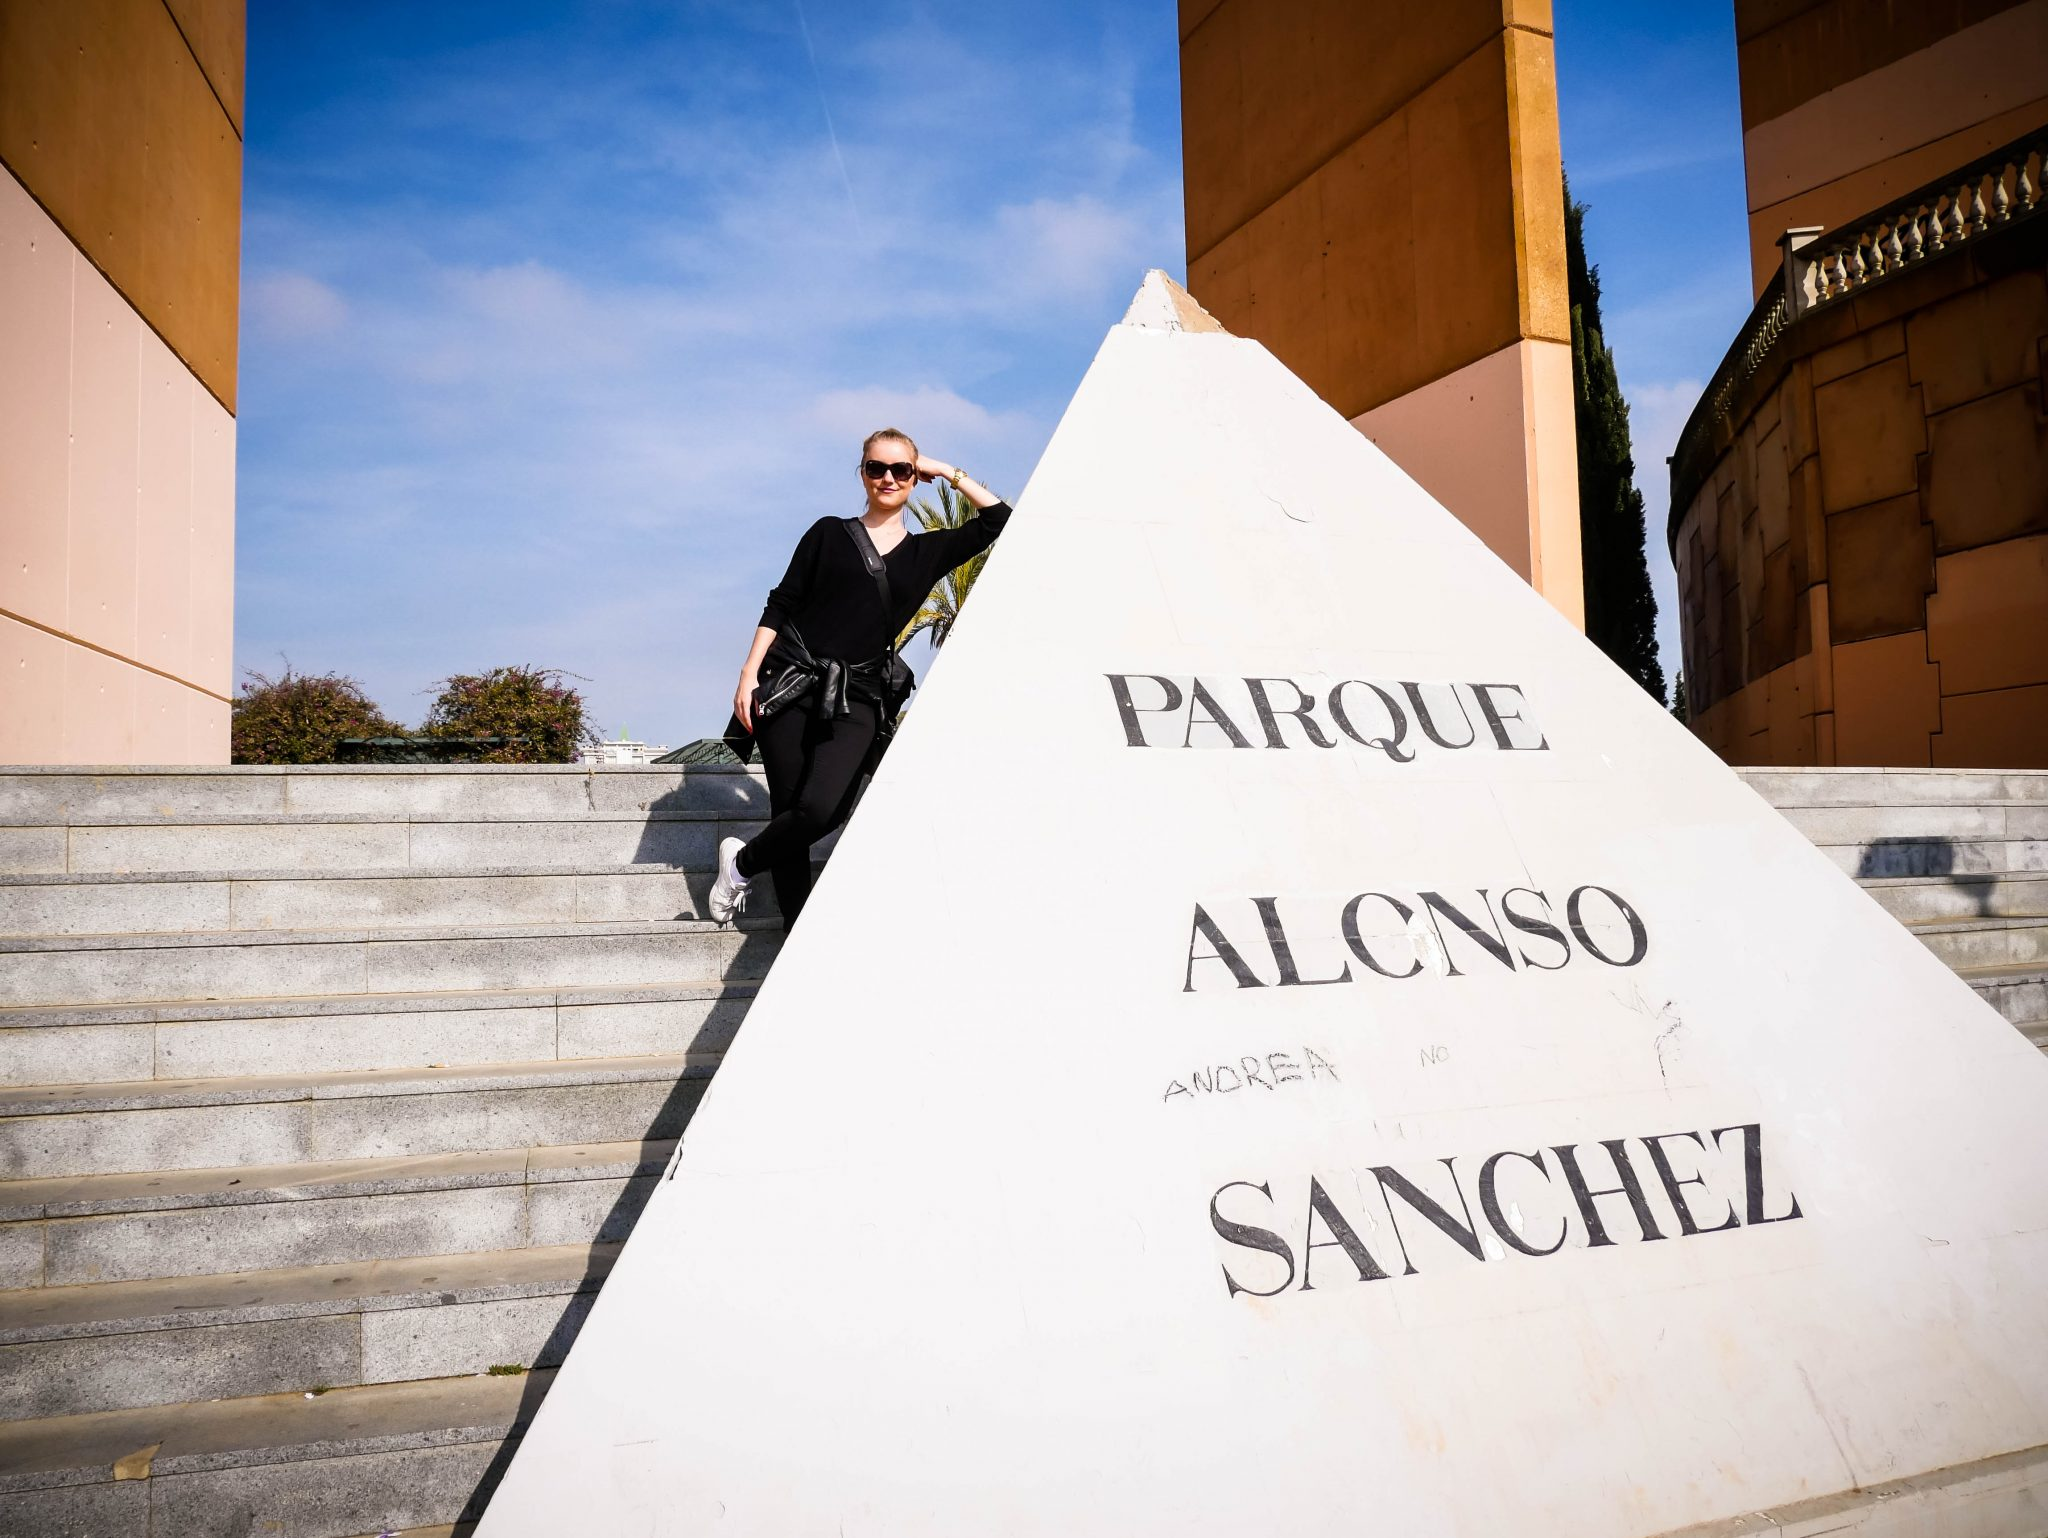 Huelva: Der Haupteingang ist da dann doch ein wenig entspannter...